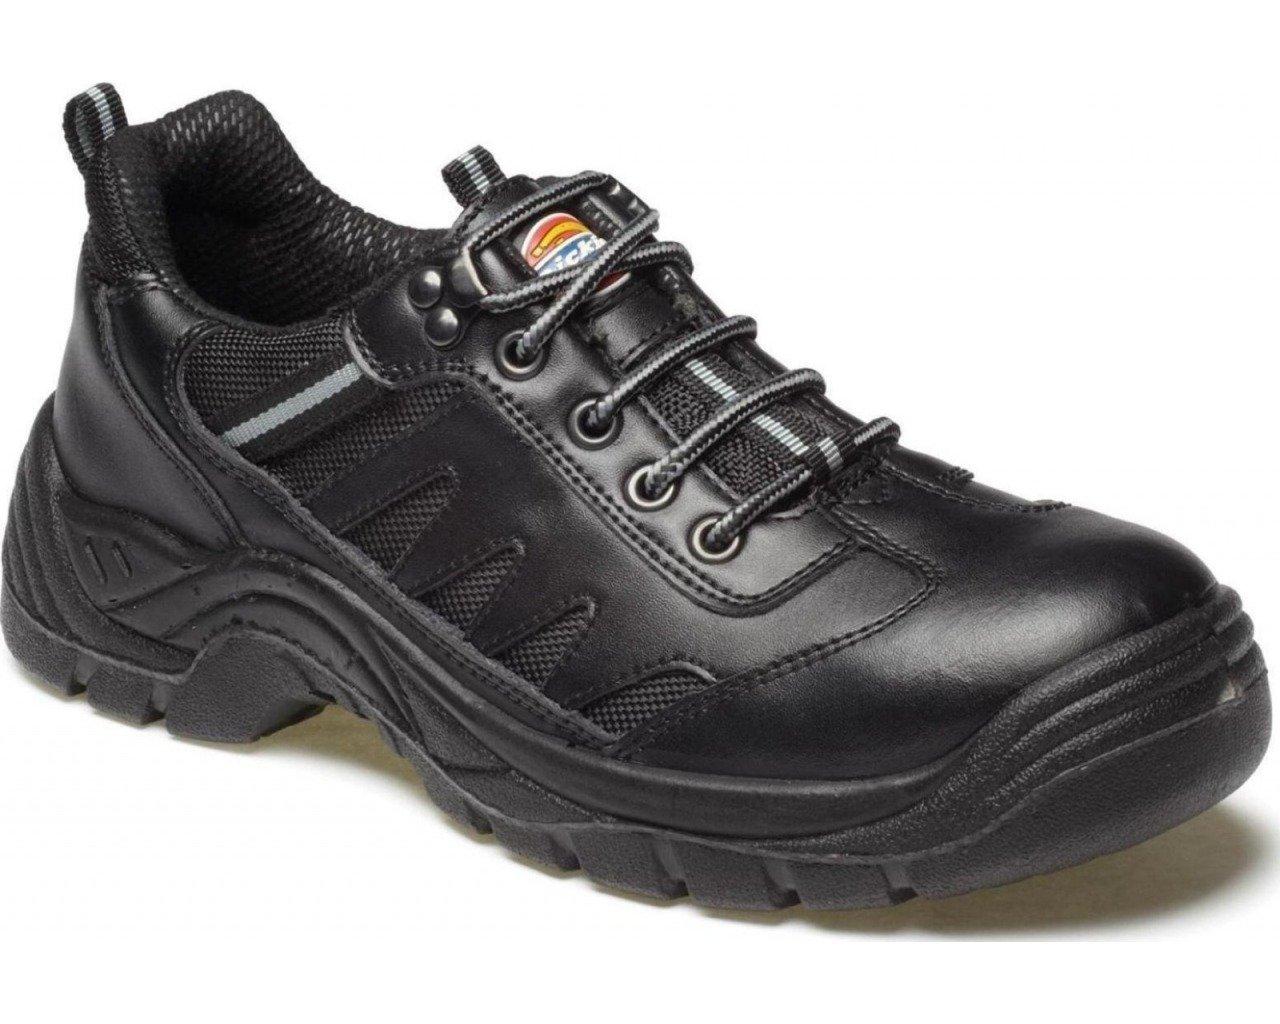 Dickies FA13335–8 Stockton Super Größe Sicherheit Trainer, Größe Super 8, Schwarz b433bf